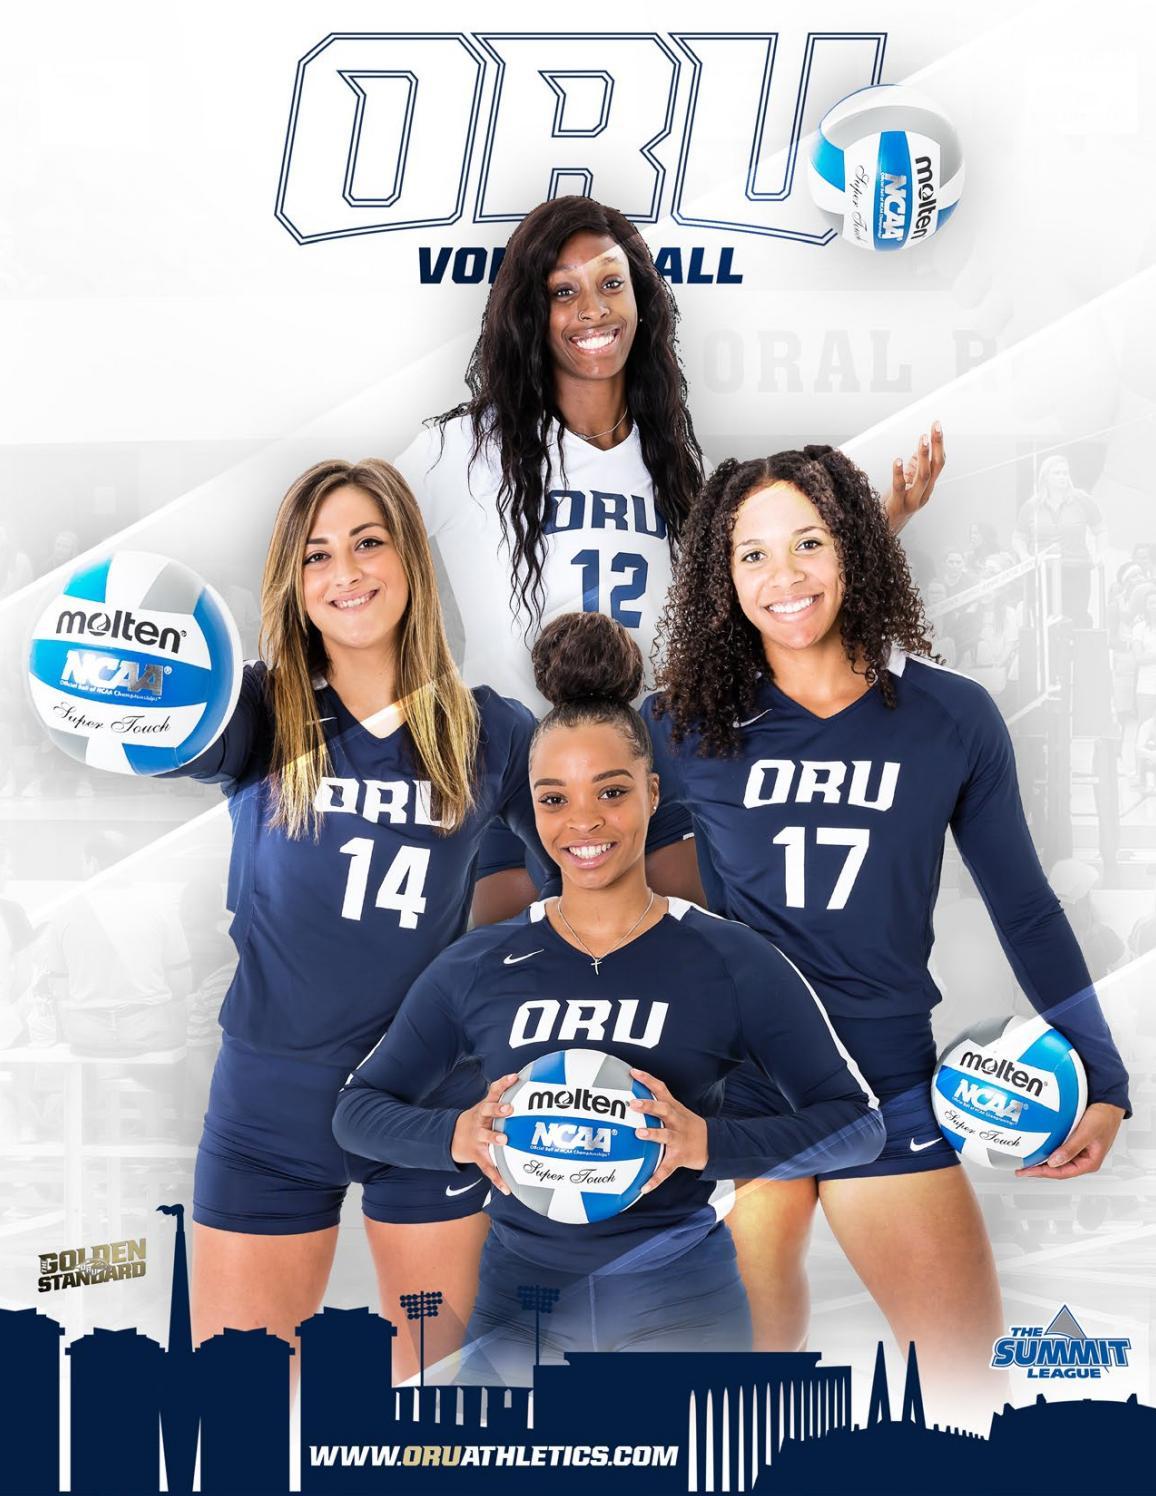 2019 Oru Volleyball Media Guide By Oru Athletics Issuu